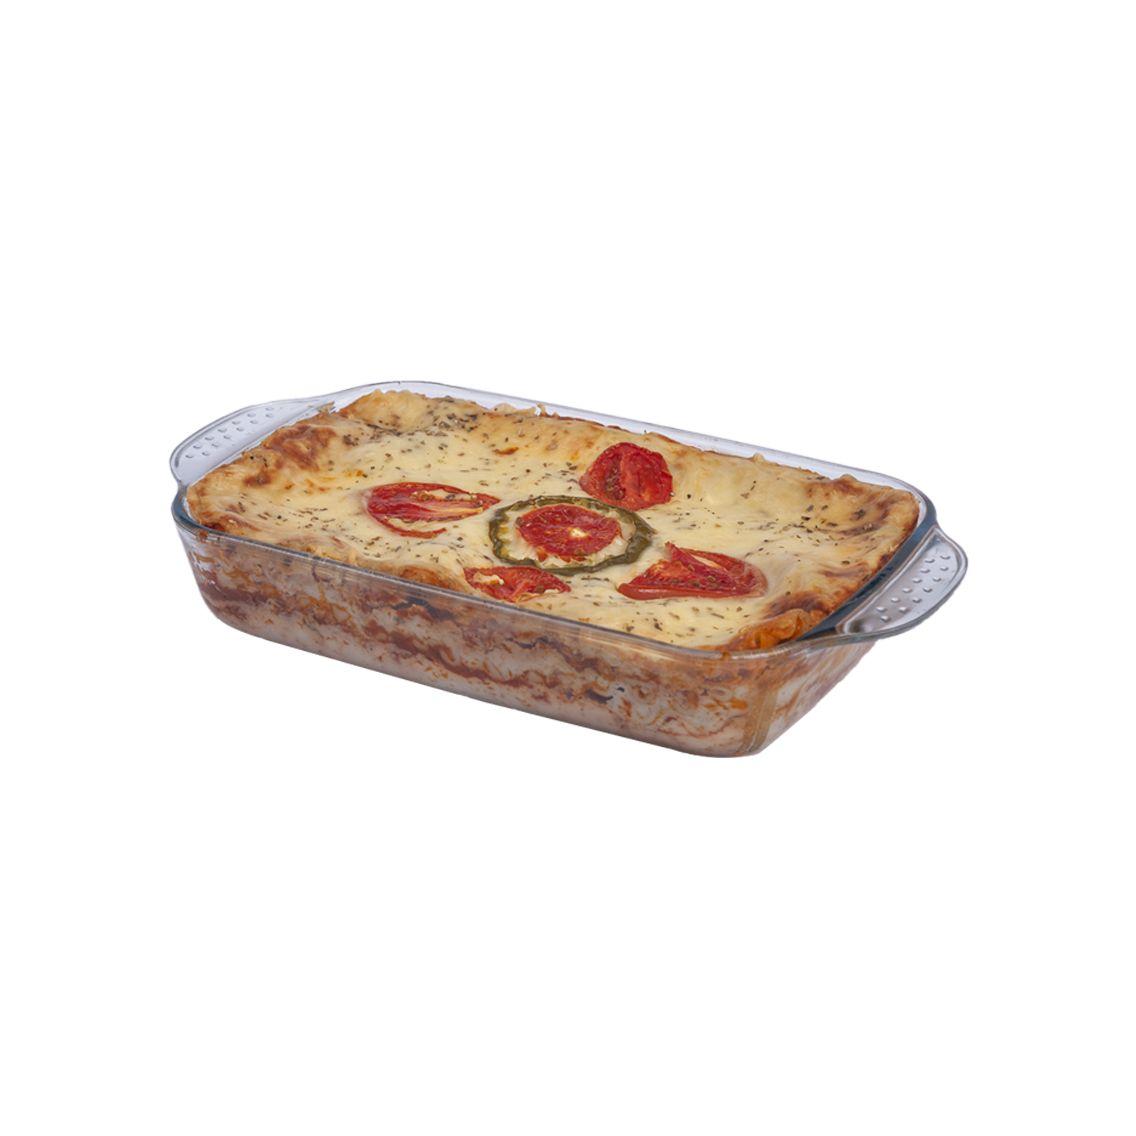 Kitchen Cuisine Default Category Lasagna